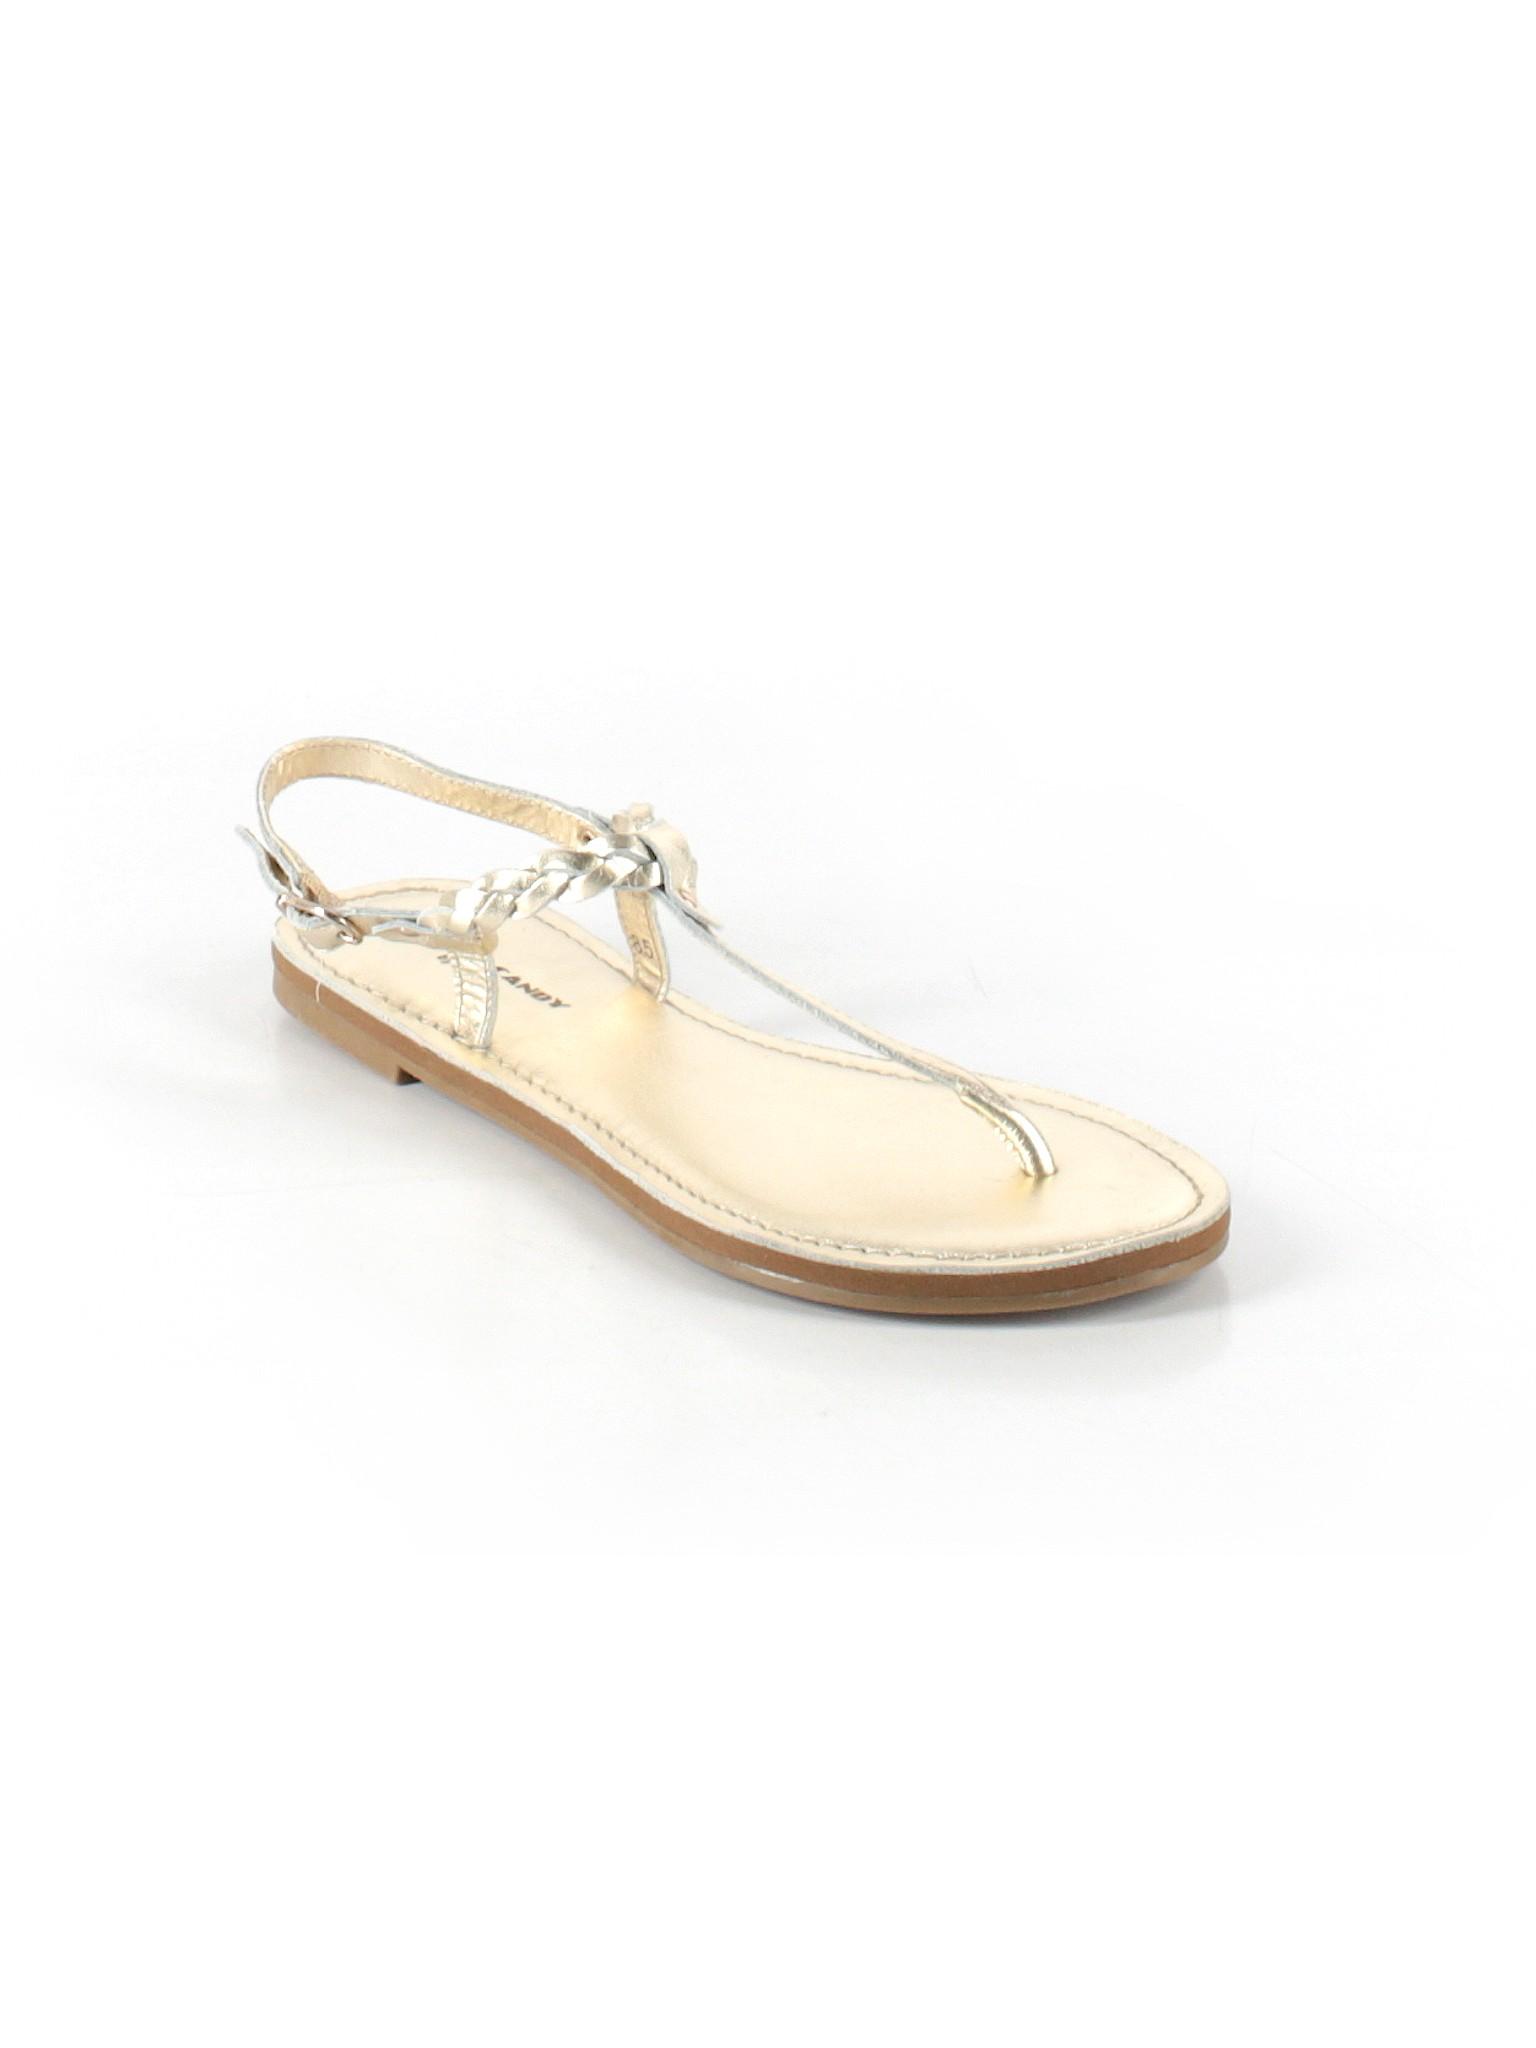 Zigi Boutique by Sandals promotion Candy amp; Rock 0UUqR8S